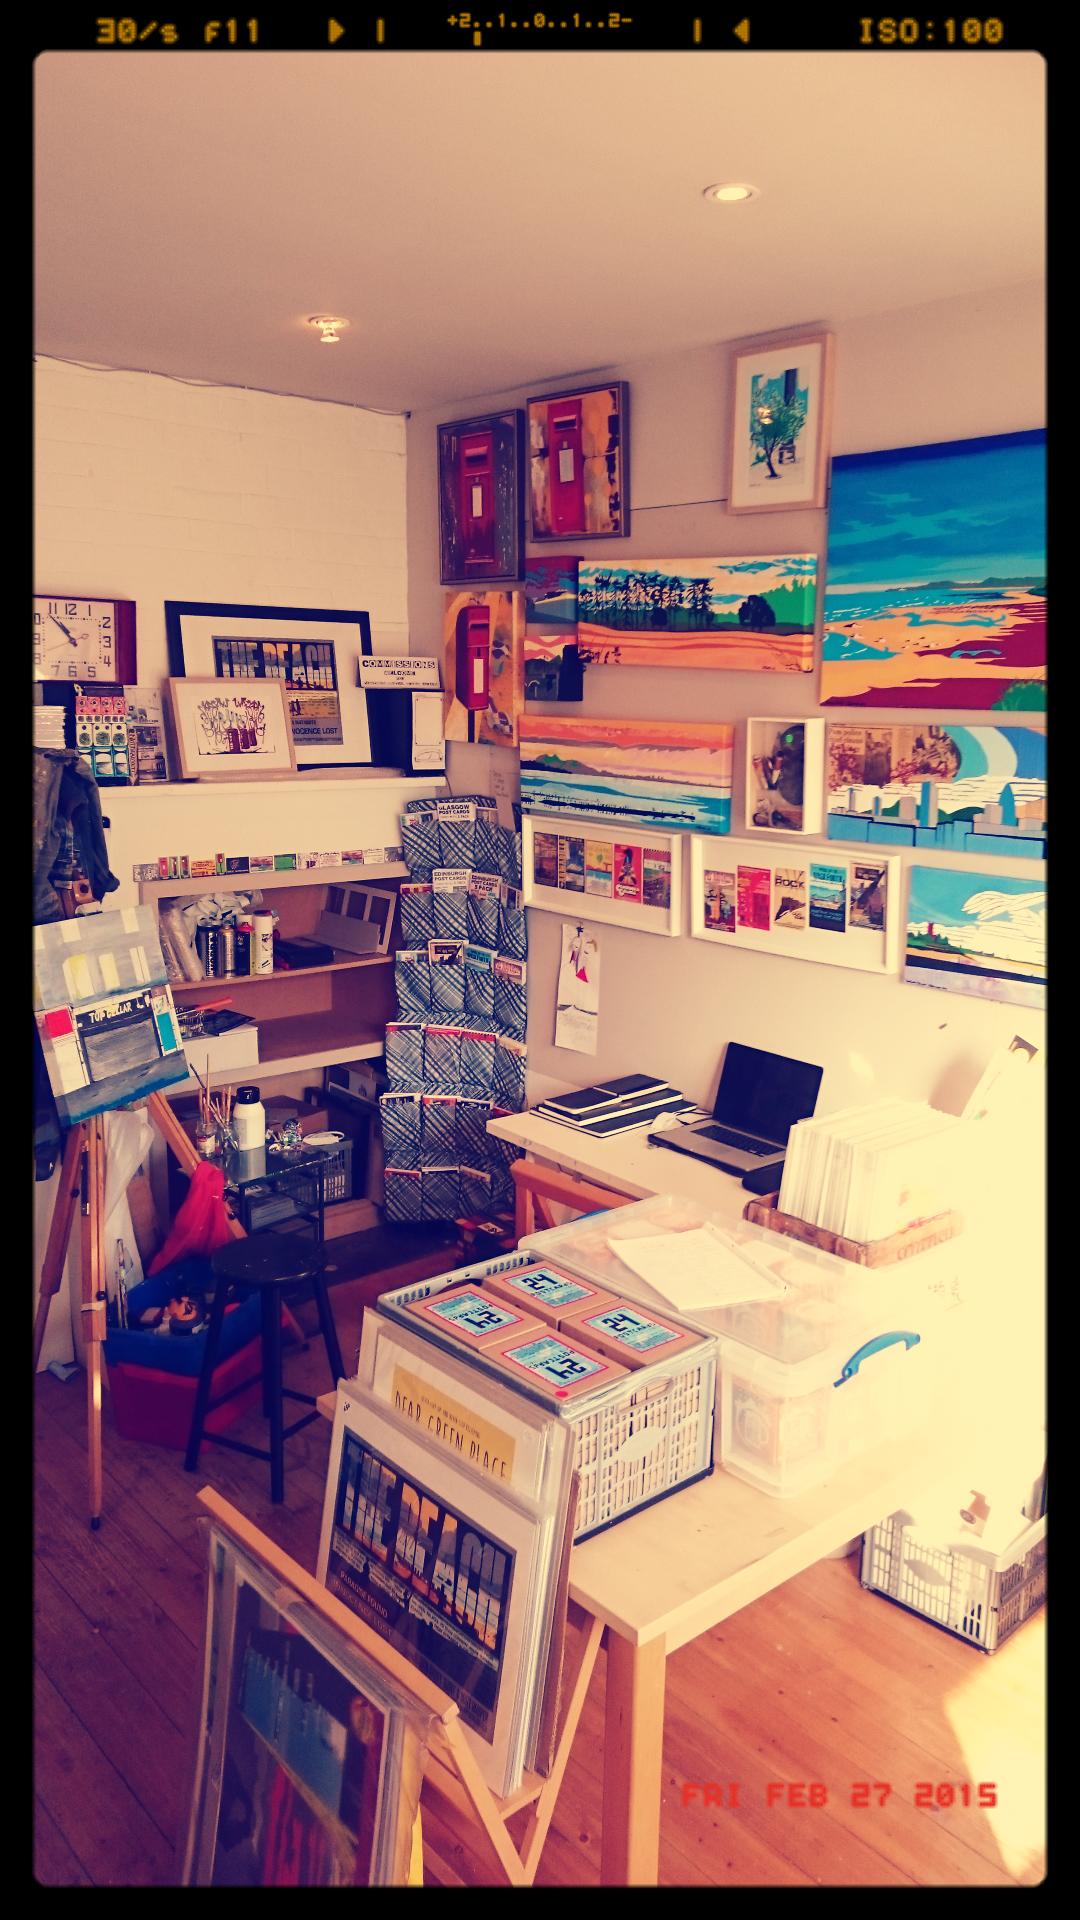 The Eddscape Studio